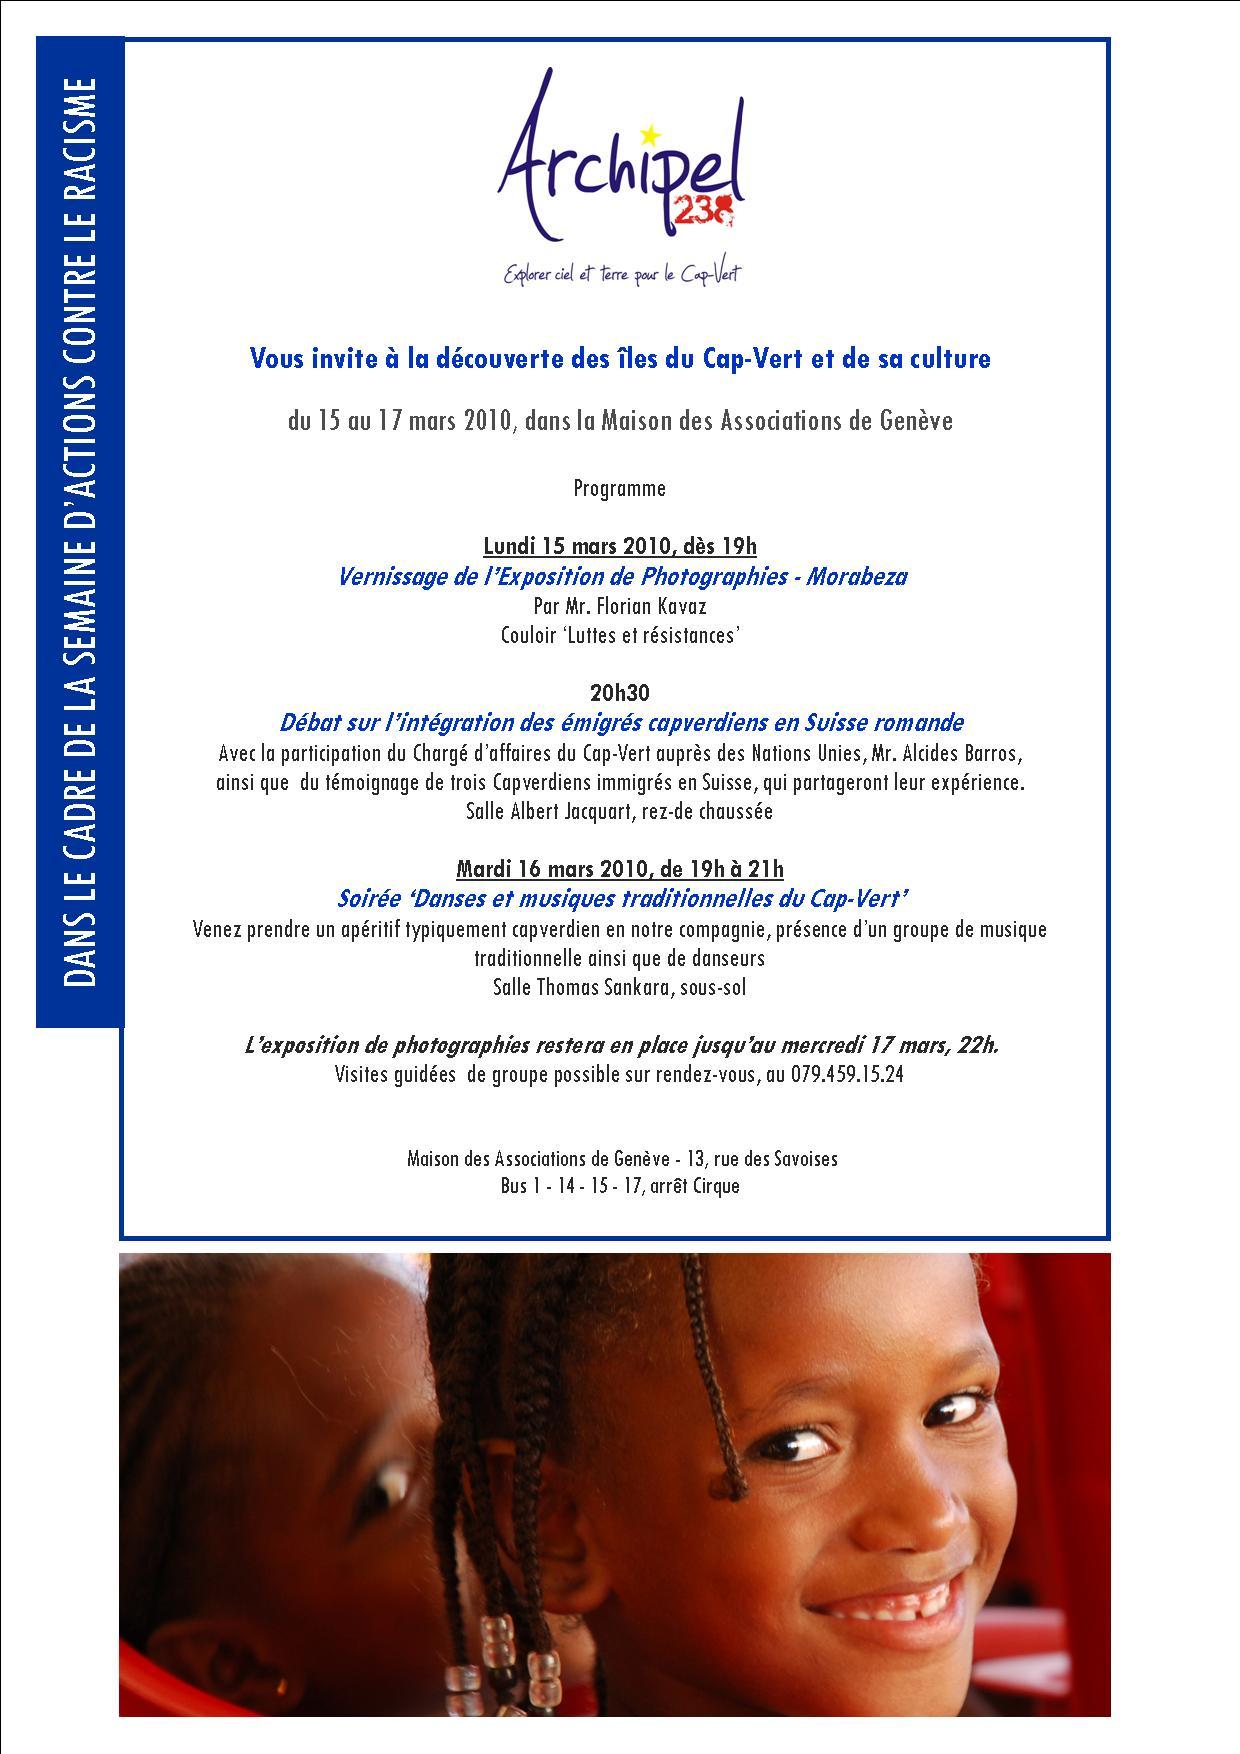 Affiche Semaine d'Actions contre le Racisme - Archipel 238